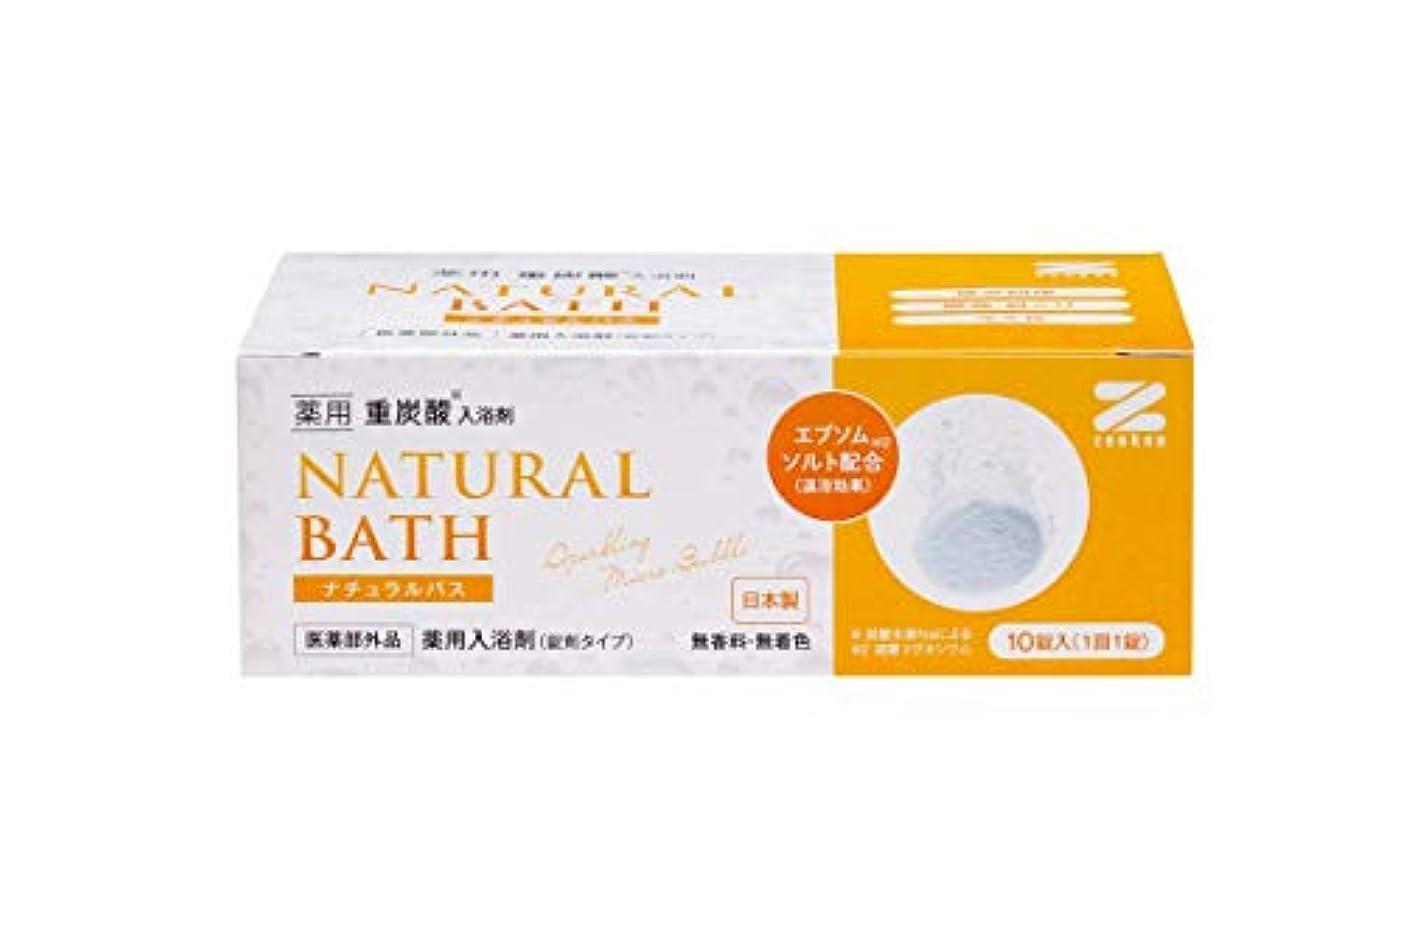 忠実なキャベツキャメル【2個セット】薬用 重炭酸入浴剤 ナチュラルバス 10個入